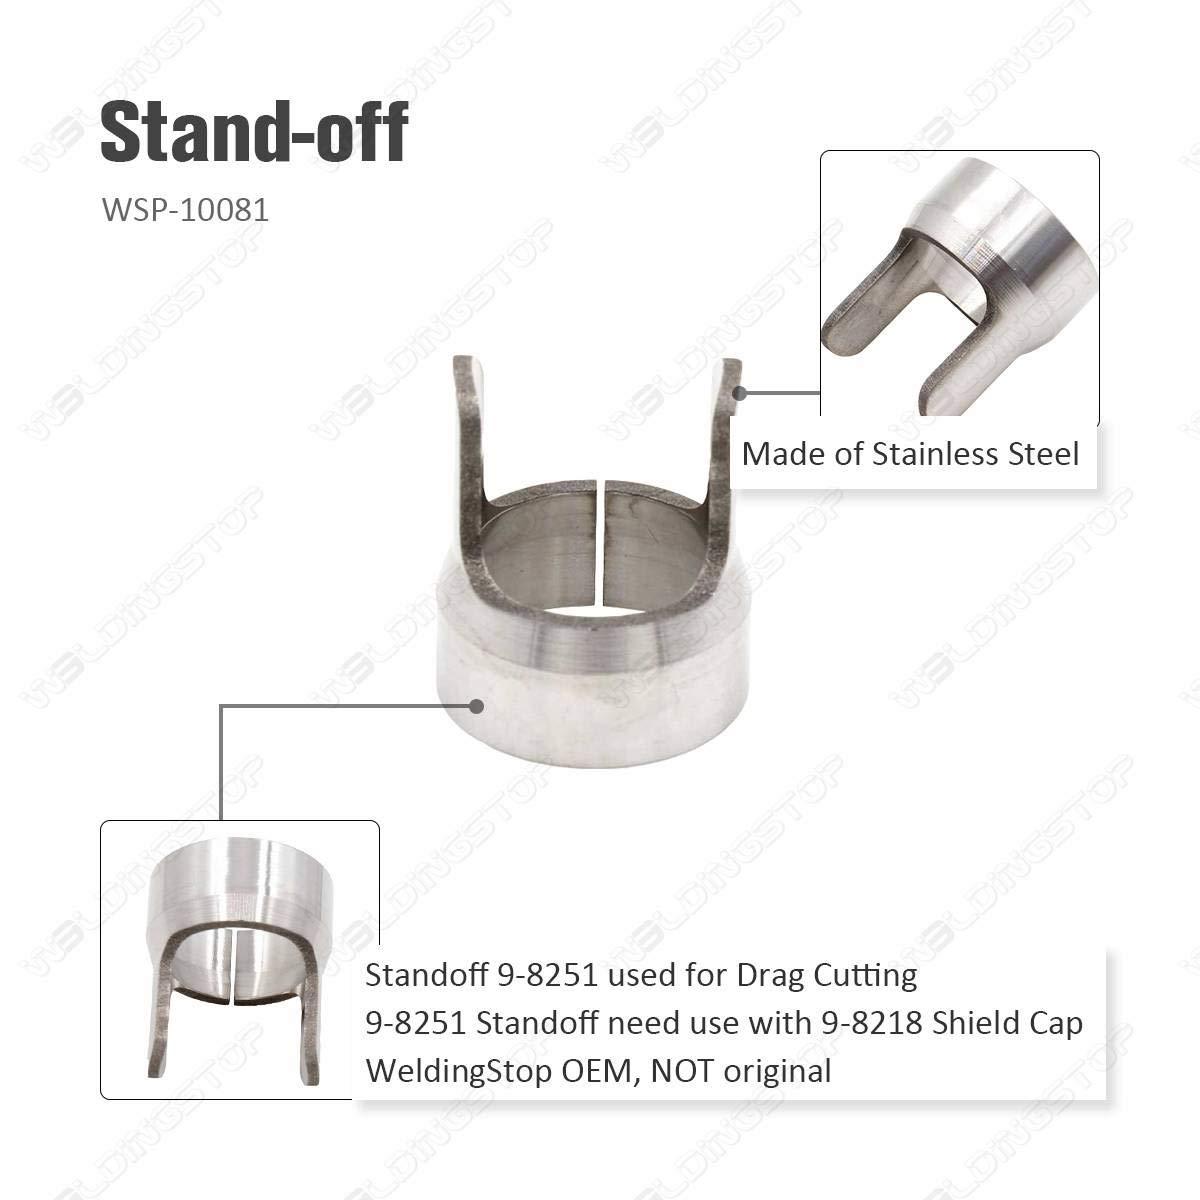 9-8215 Elektrode 9-8206 Spitze f/ür Plasmaschneiden Thermische Replication SL60 SL100 Taschenlampe 9-8251 9-8218